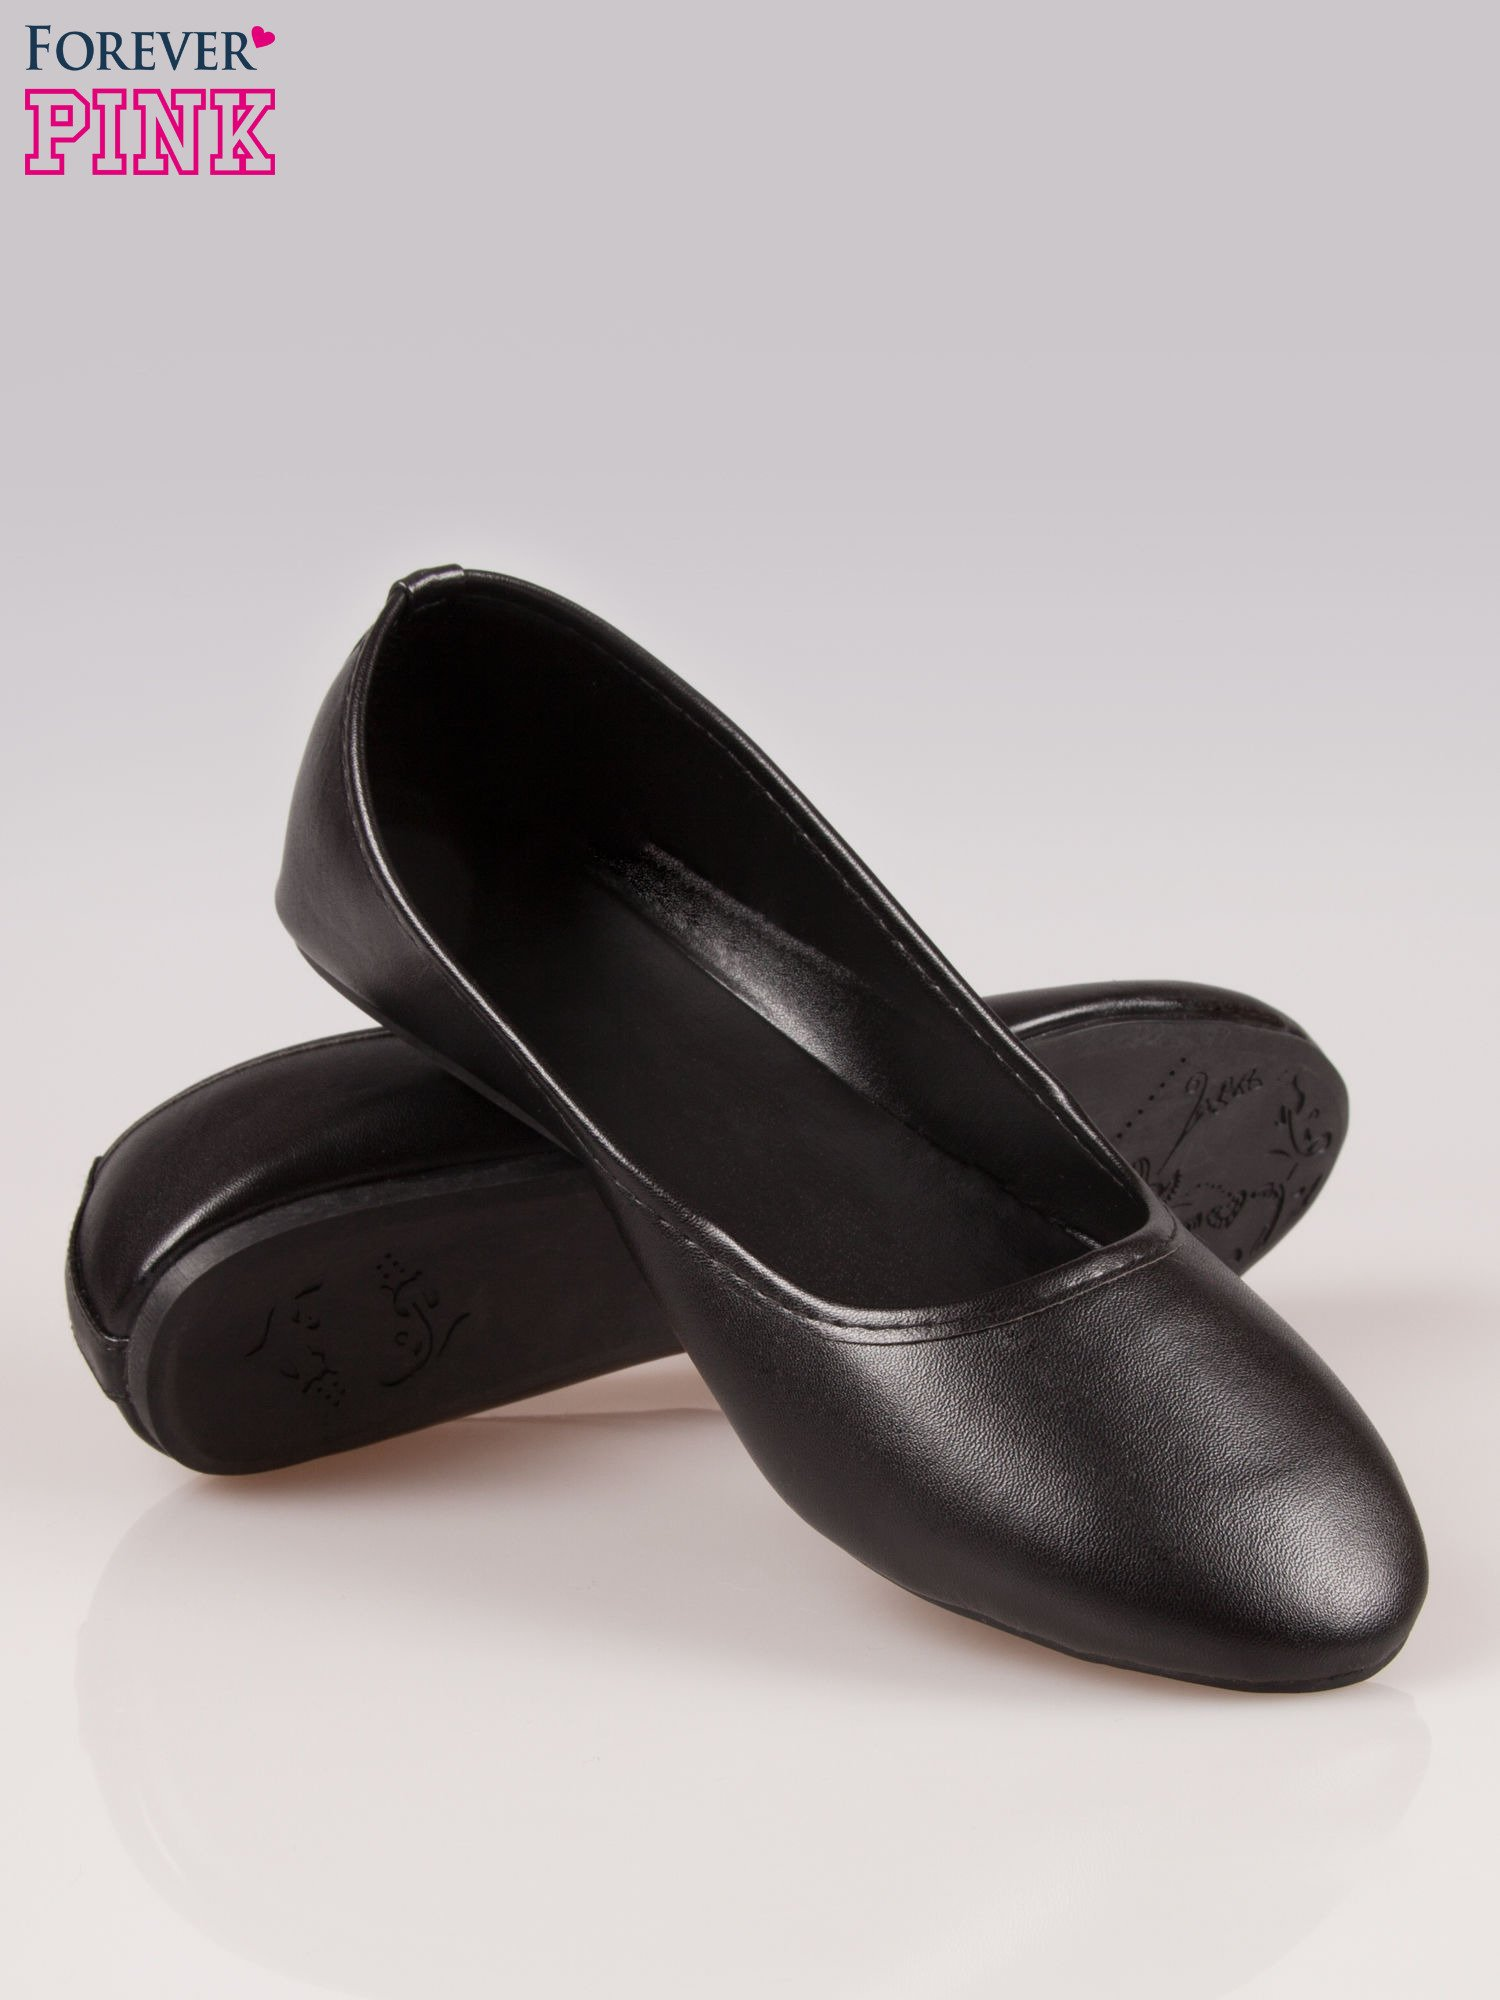 Czarne gładkie balerinki eco leather ze skóry ekologicznej                                  zdj.                                  4